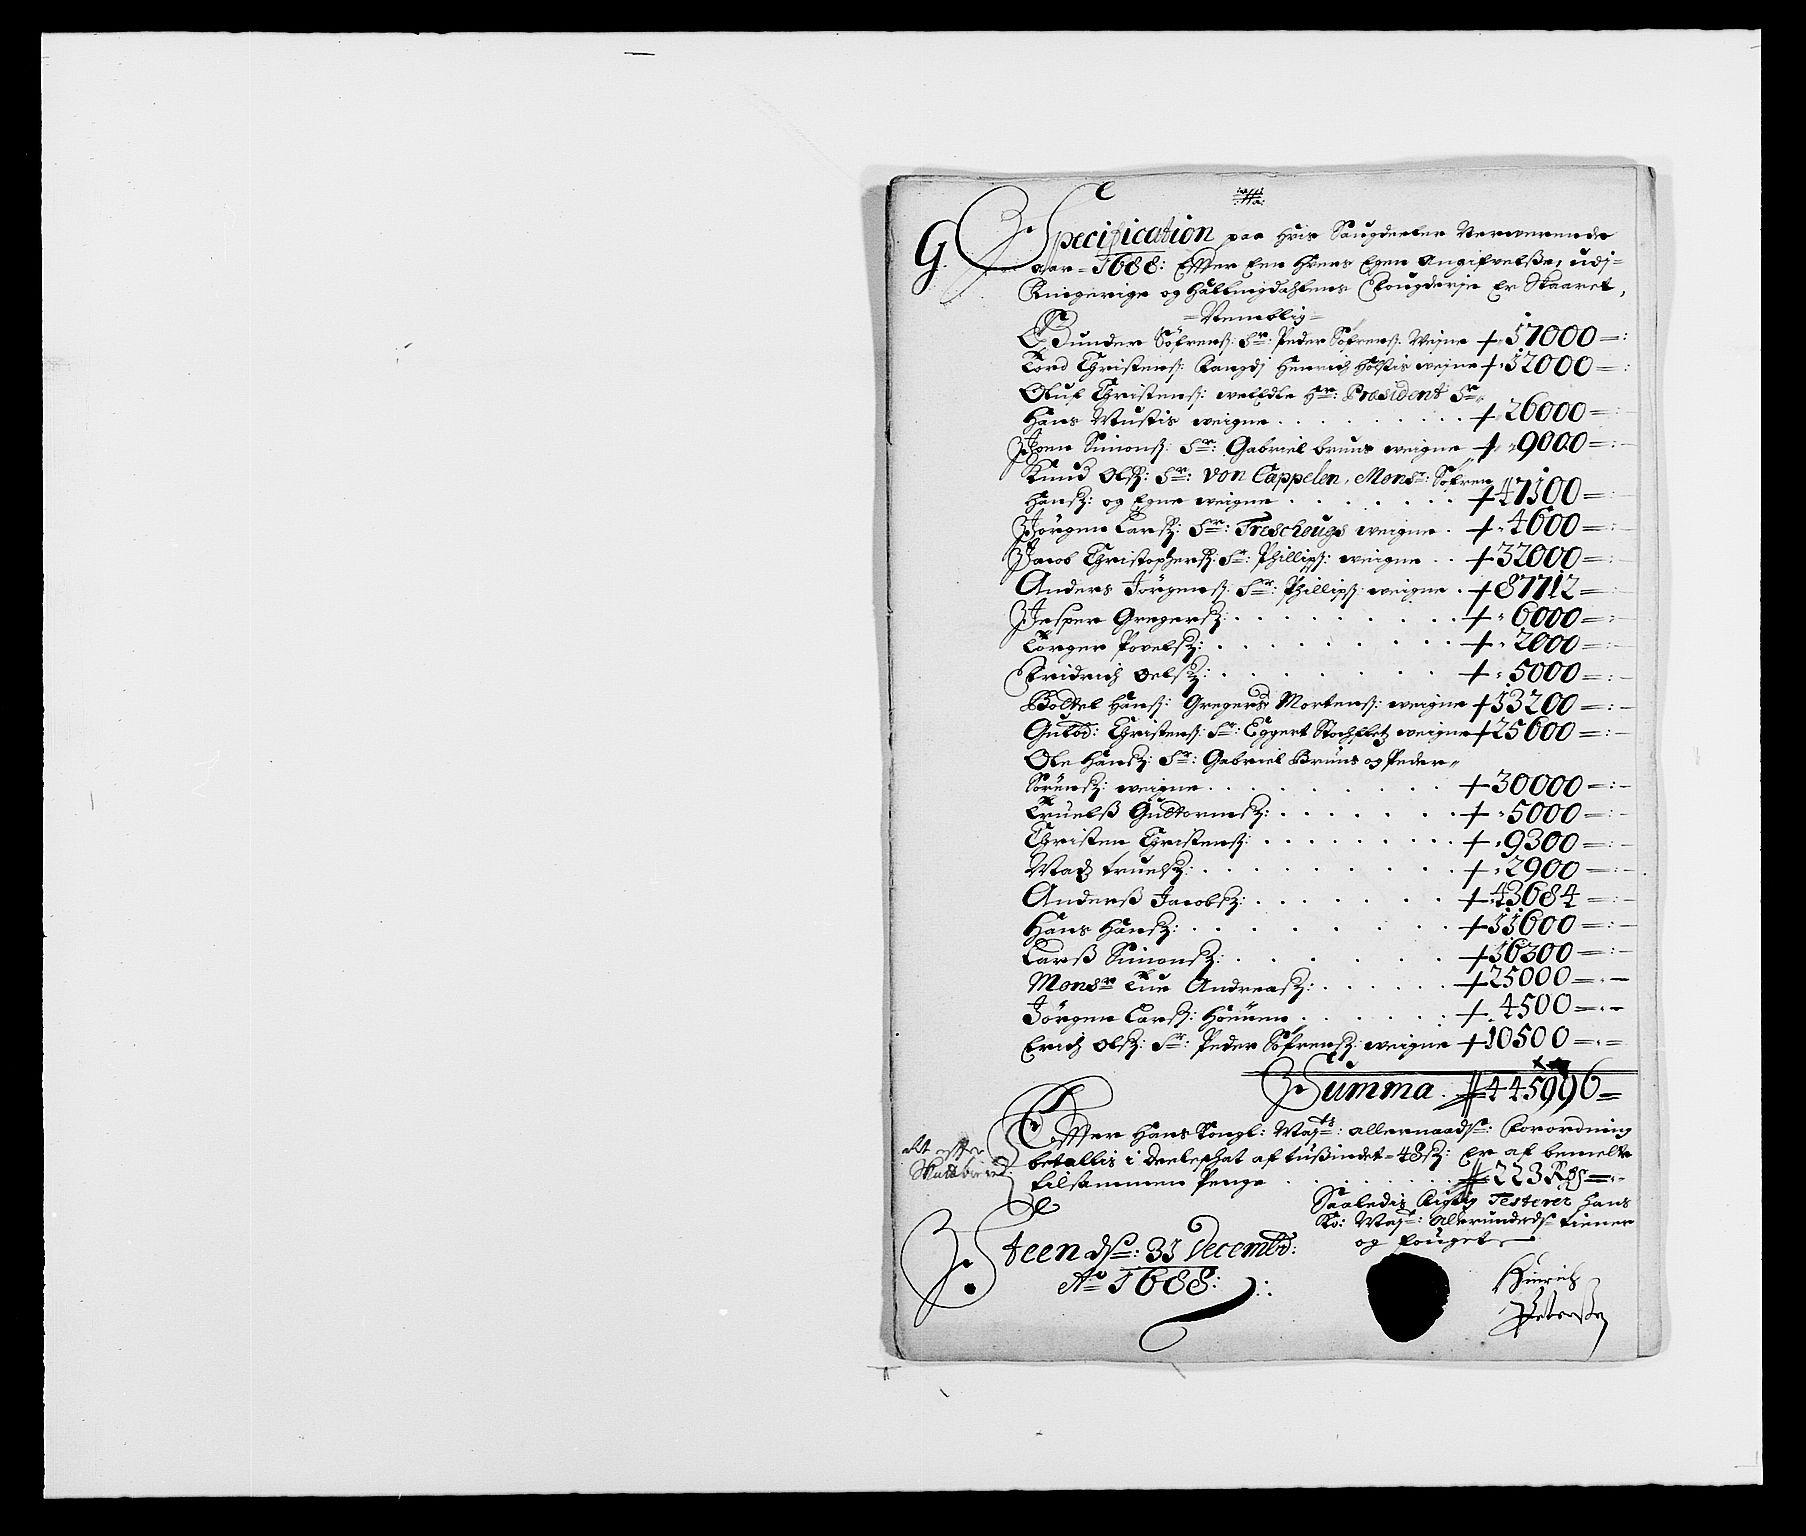 RA, Rentekammeret inntil 1814, Reviderte regnskaper, Fogderegnskap, R21/L1447: Fogderegnskap Ringerike og Hallingdal, 1687-1689, s. 179